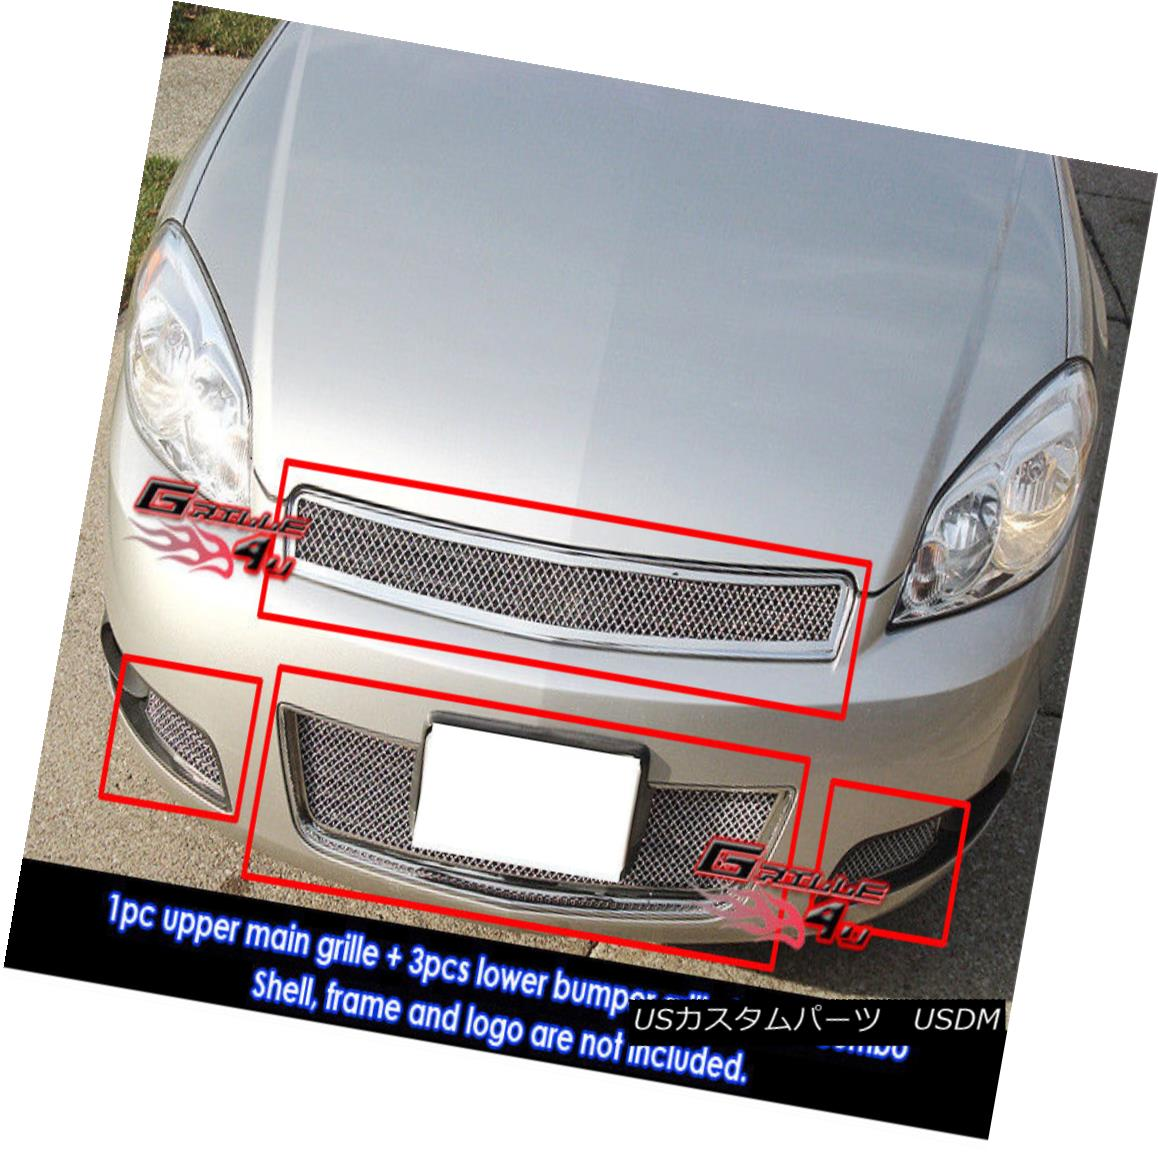 グリル For 06-13 Chevy Impala/SS/LT Stainless Mesh Grille Combo 06-13シボレーインパラ/ SS / LTステンレスメッシュグリルコンボ用